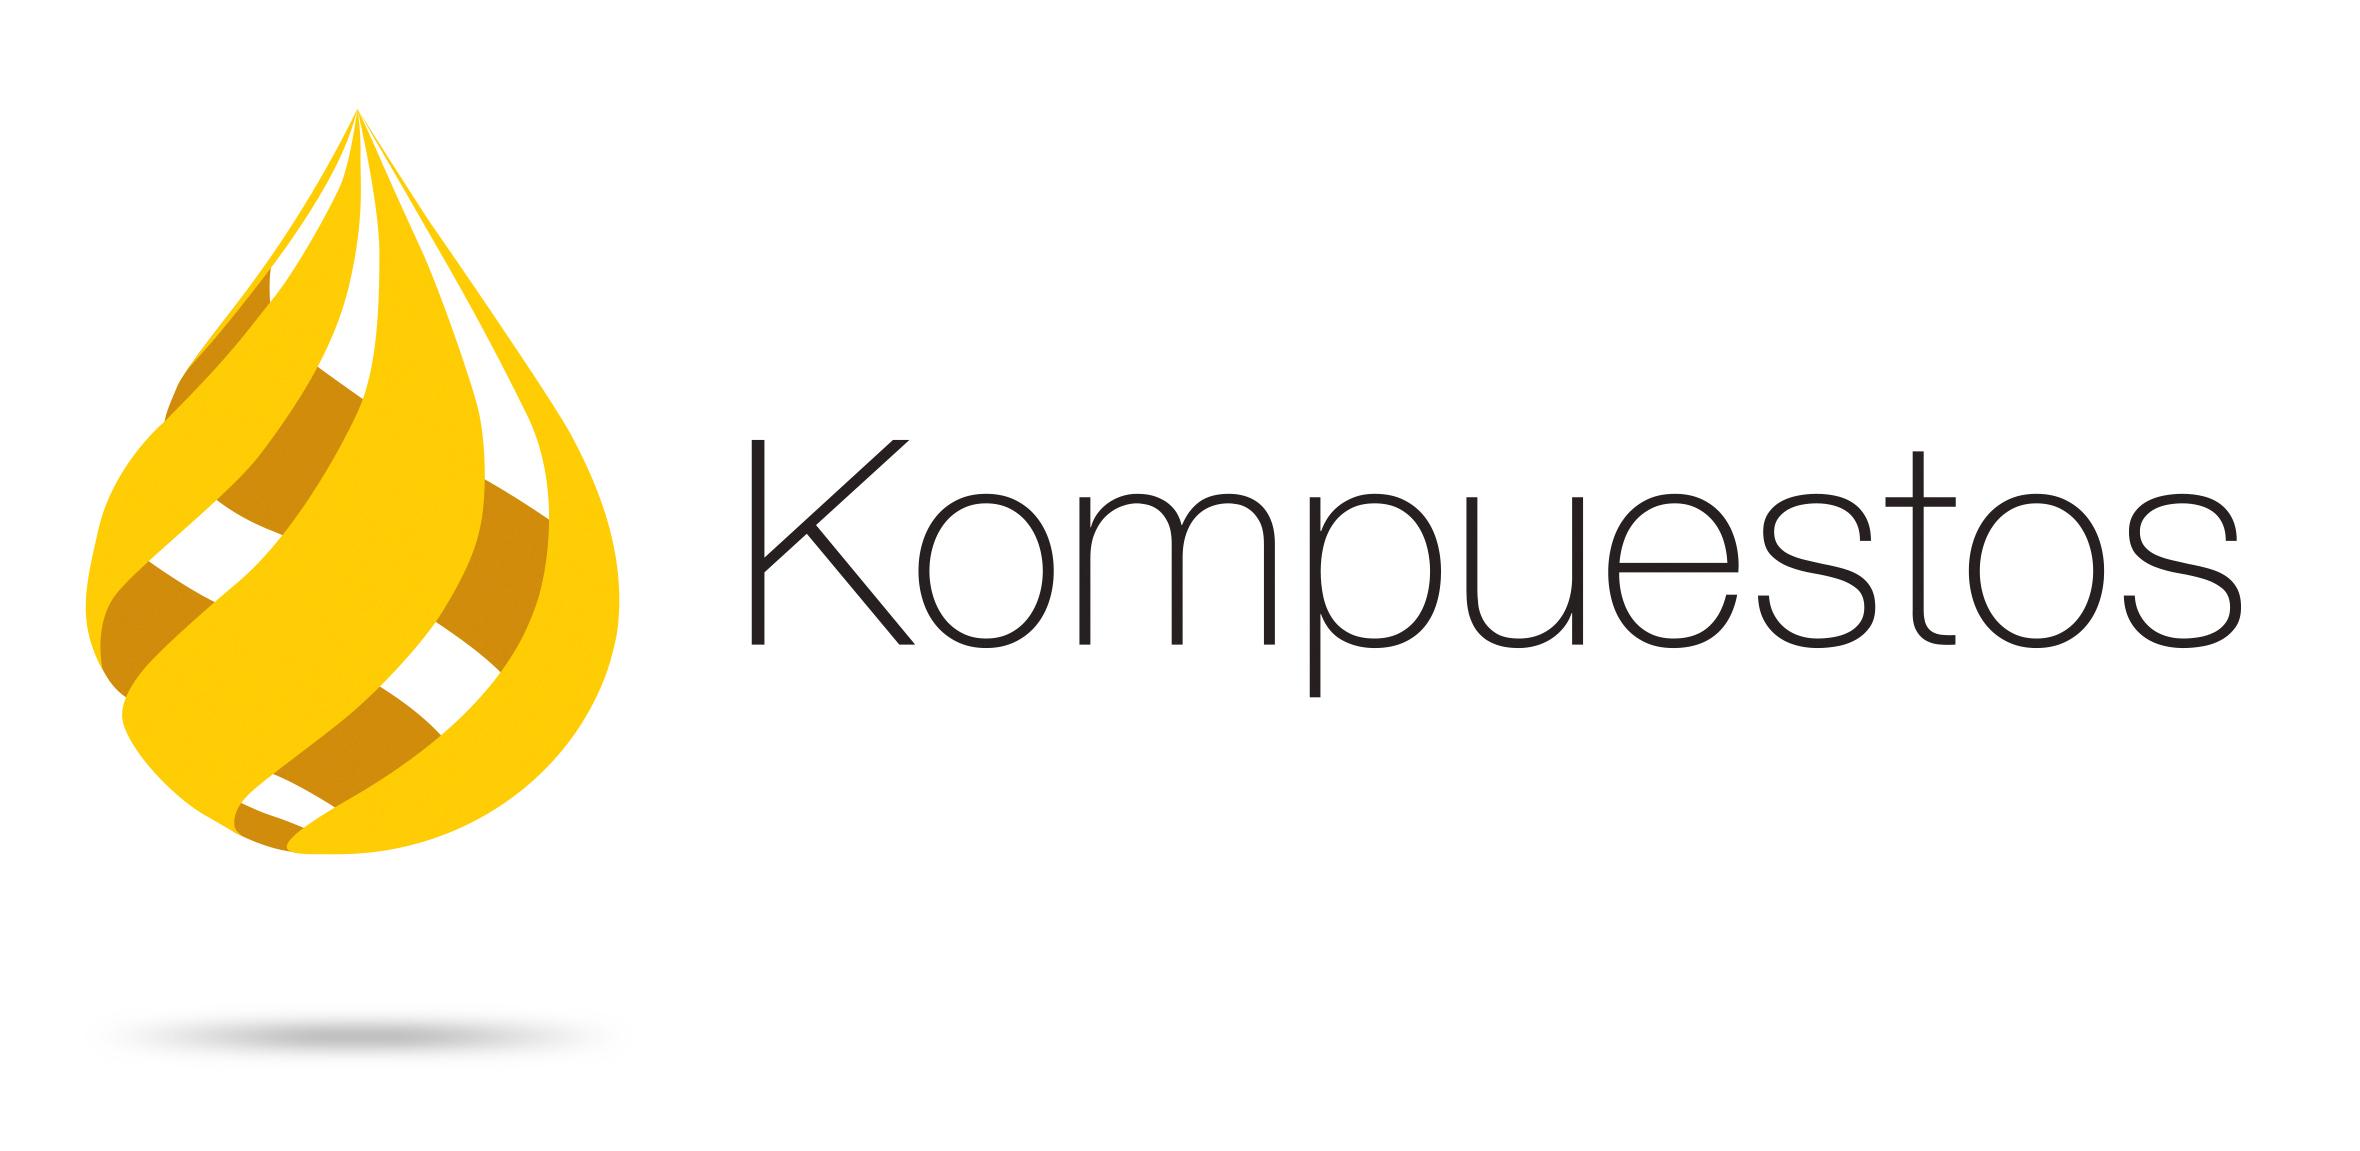 Kompuestos logo